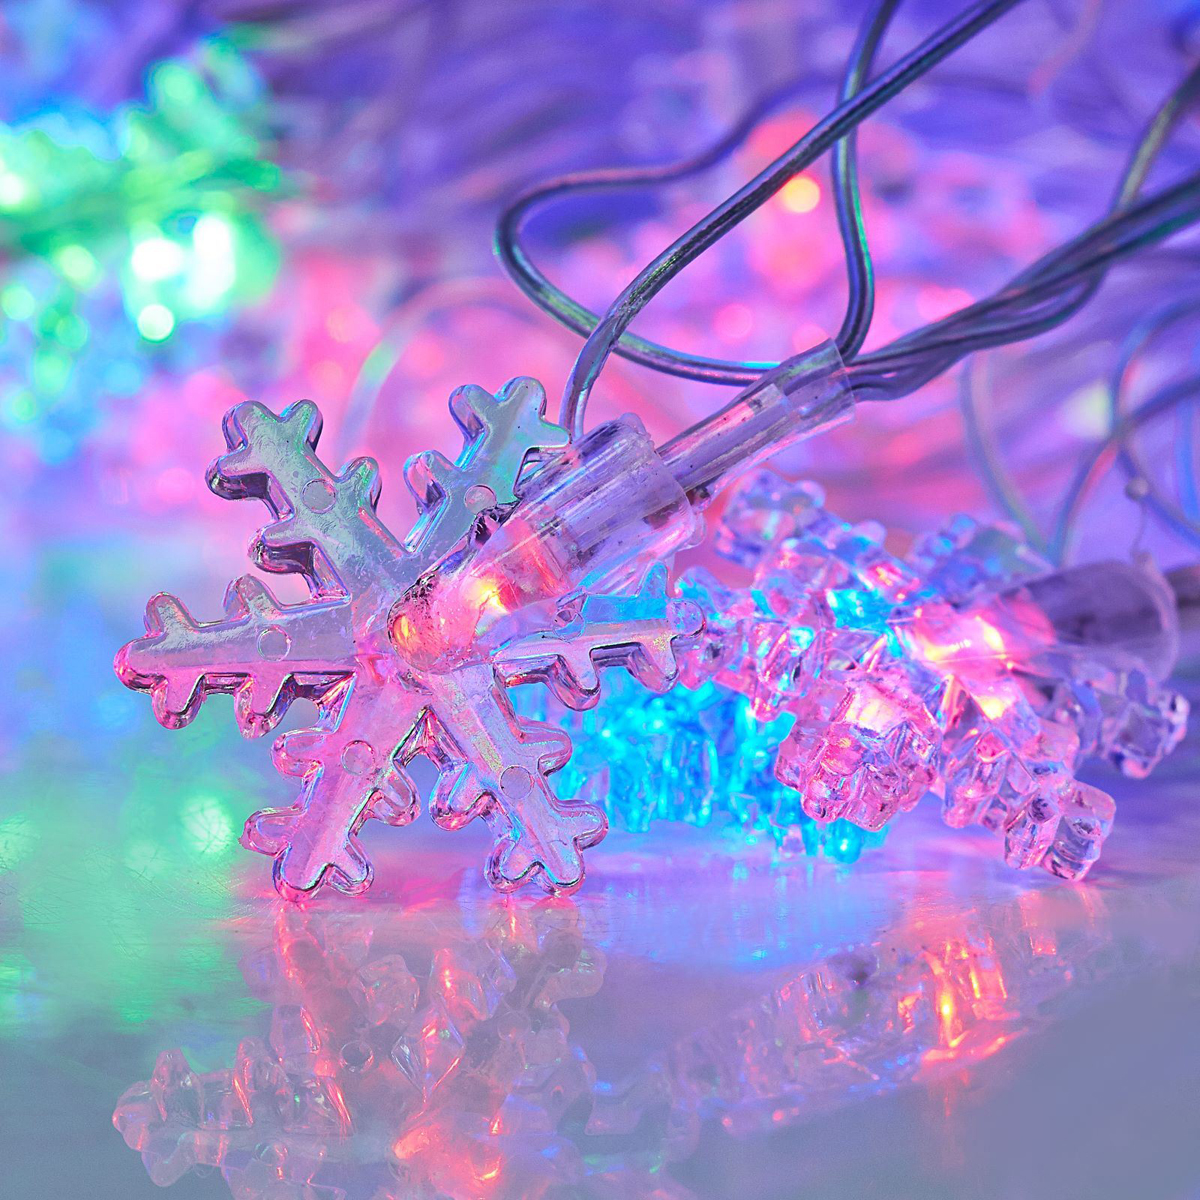 Гирлянда светодиодная Luazon Метраж. Снежинки малые, 20 ламп, 220 V, длина 5 м541525Светодиодные гирлянды и ленты — это отличный вариант для новогоднего оформления интерьера или фасада. С их помощью помещение любого размера можно превратить в праздничный зал, а внешние элементы зданий, украшенные ими, мгновенно станут напоминать очертания сказочного дворца. Такие украшения создают ауру предвкушения чуда. Деревья, фасады, витрины, окна и арки будто специально созданы, чтобы вы украсили их светящимися нитями.